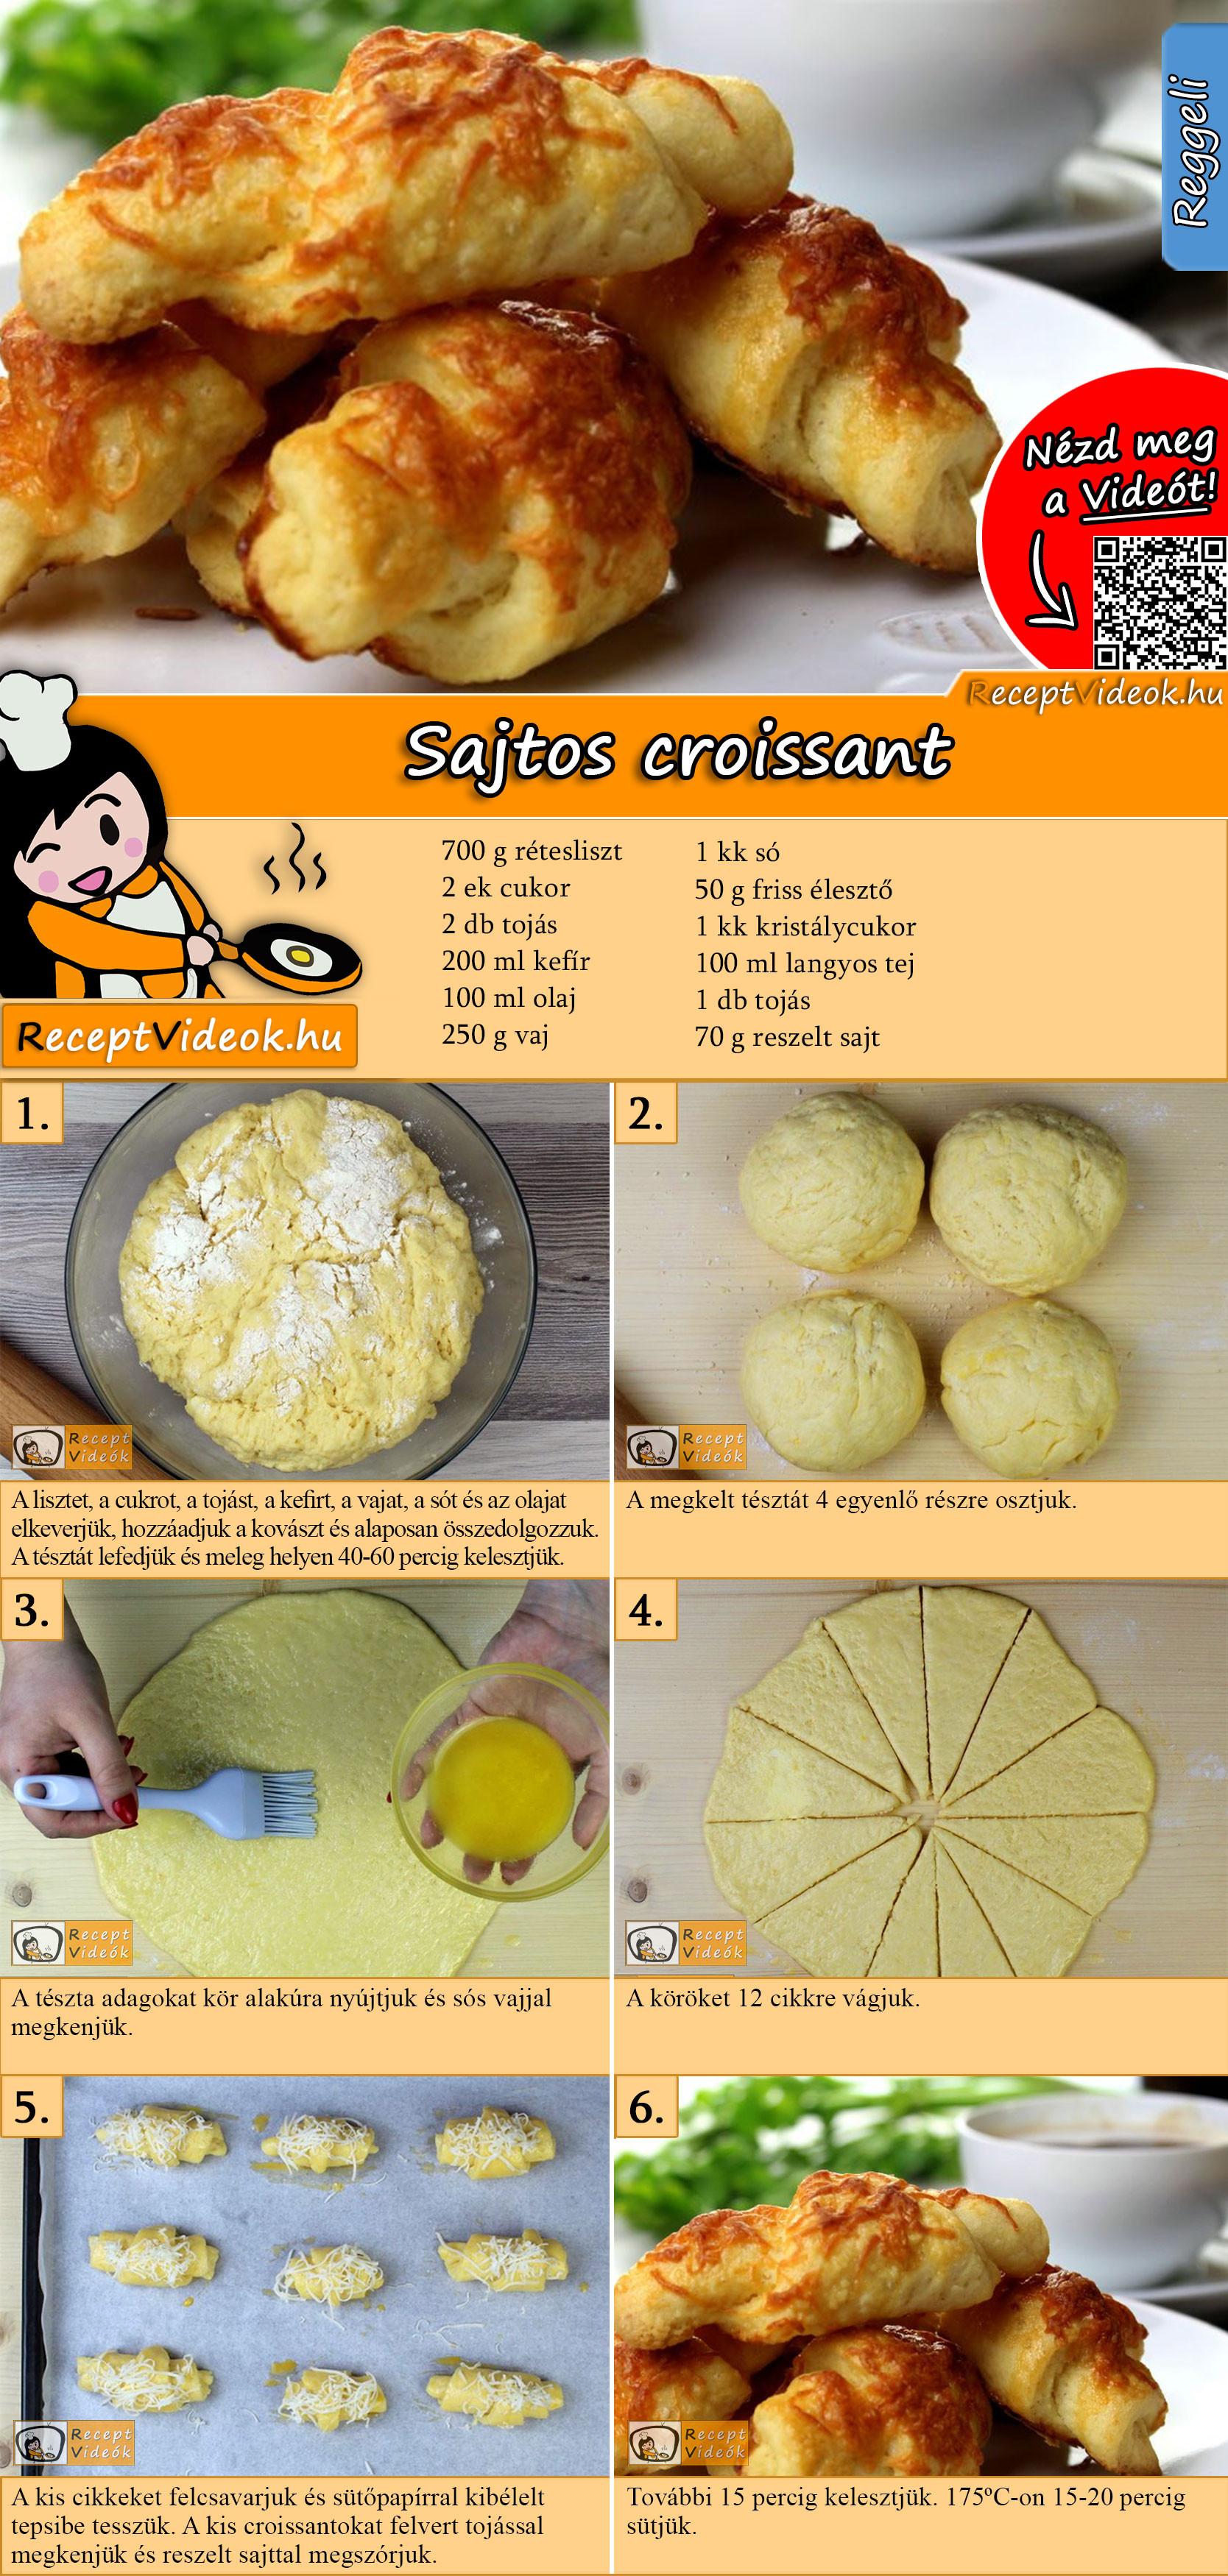 Sajtos croissant recept elkészítése videóval